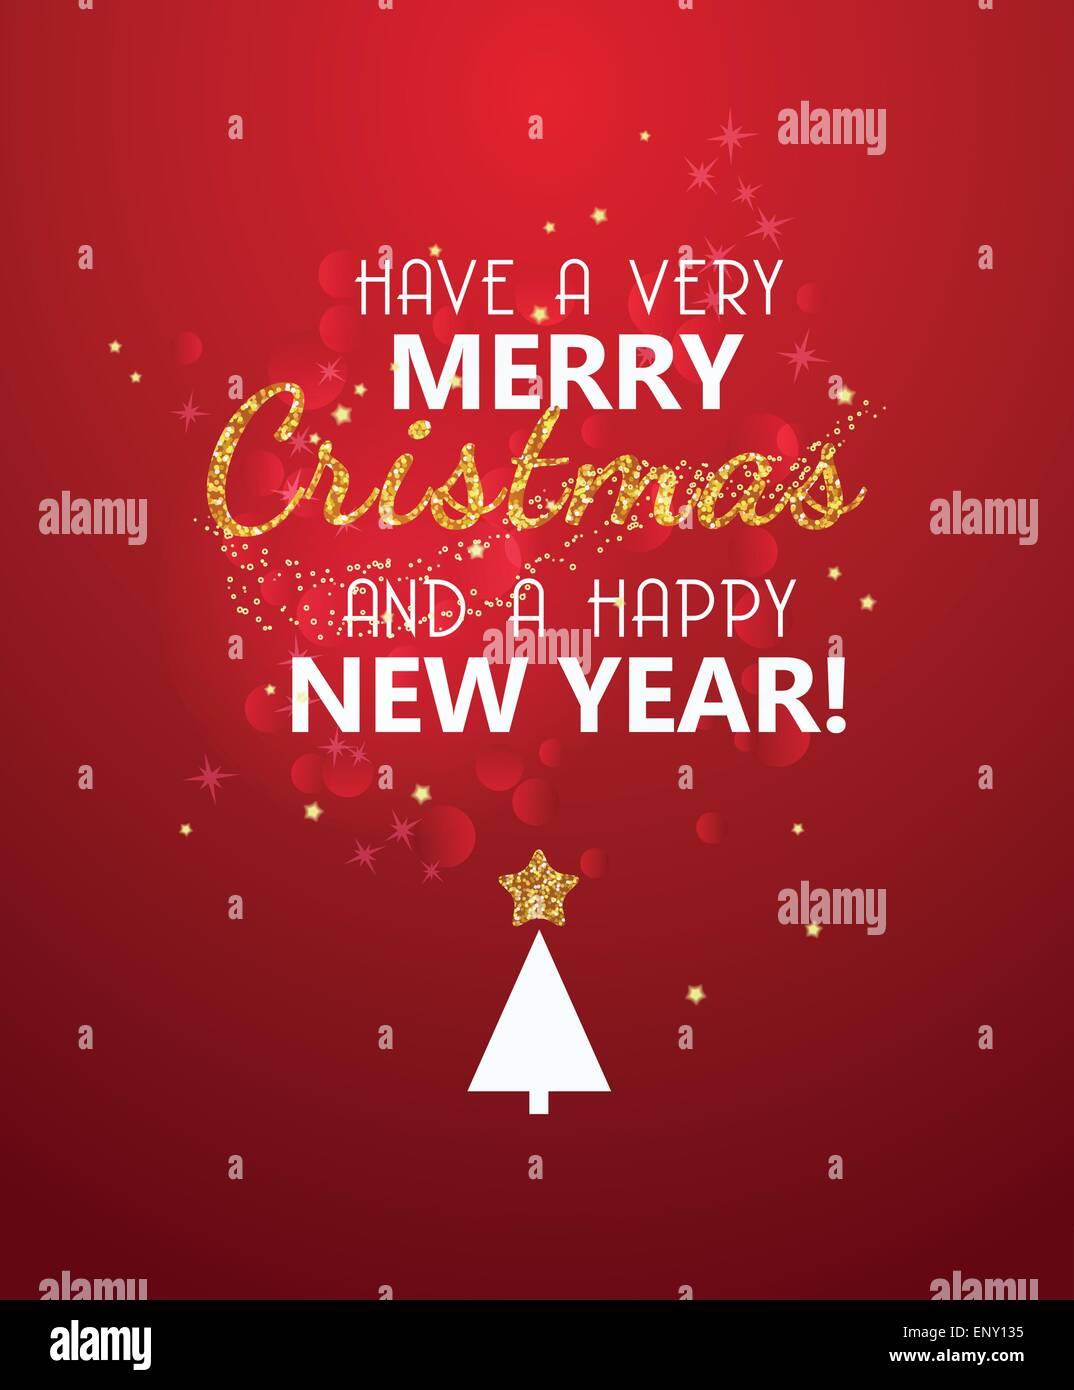 Frohe Weihnachten Glitzer.Frohe Weihnachten Glitzer Nachricht Auf Rot Leuchtenden